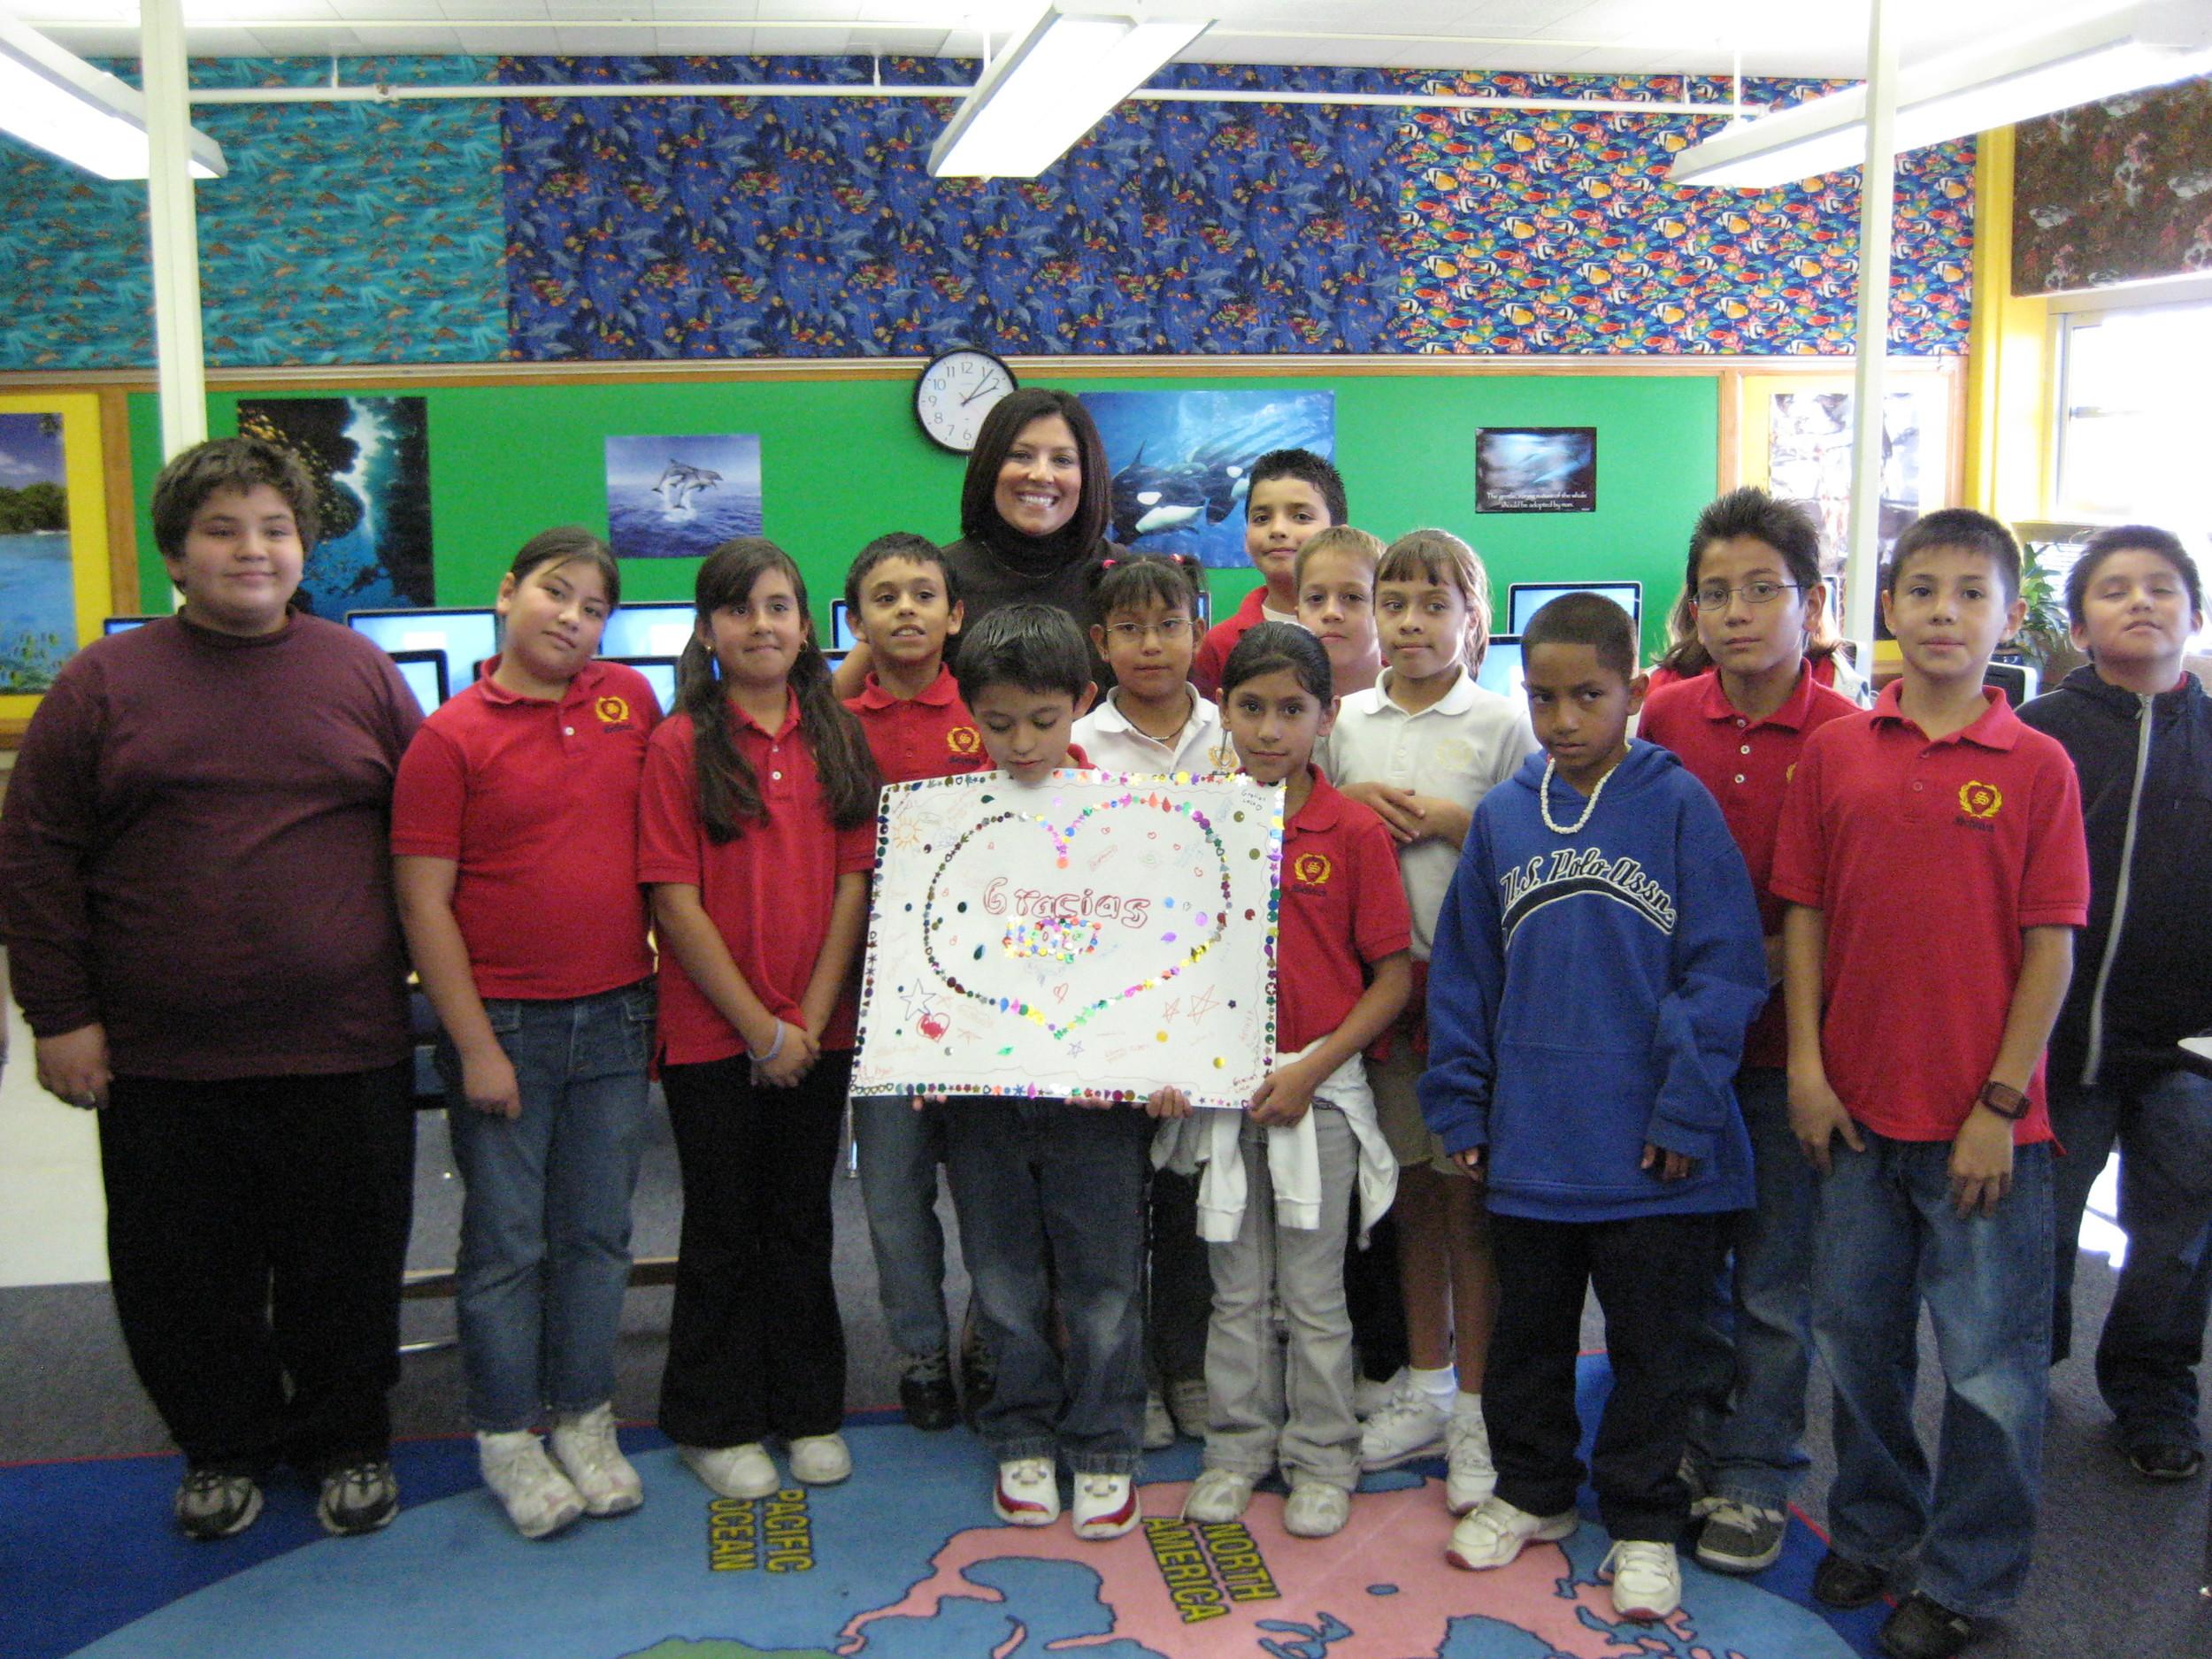 Salazar Family Foundation